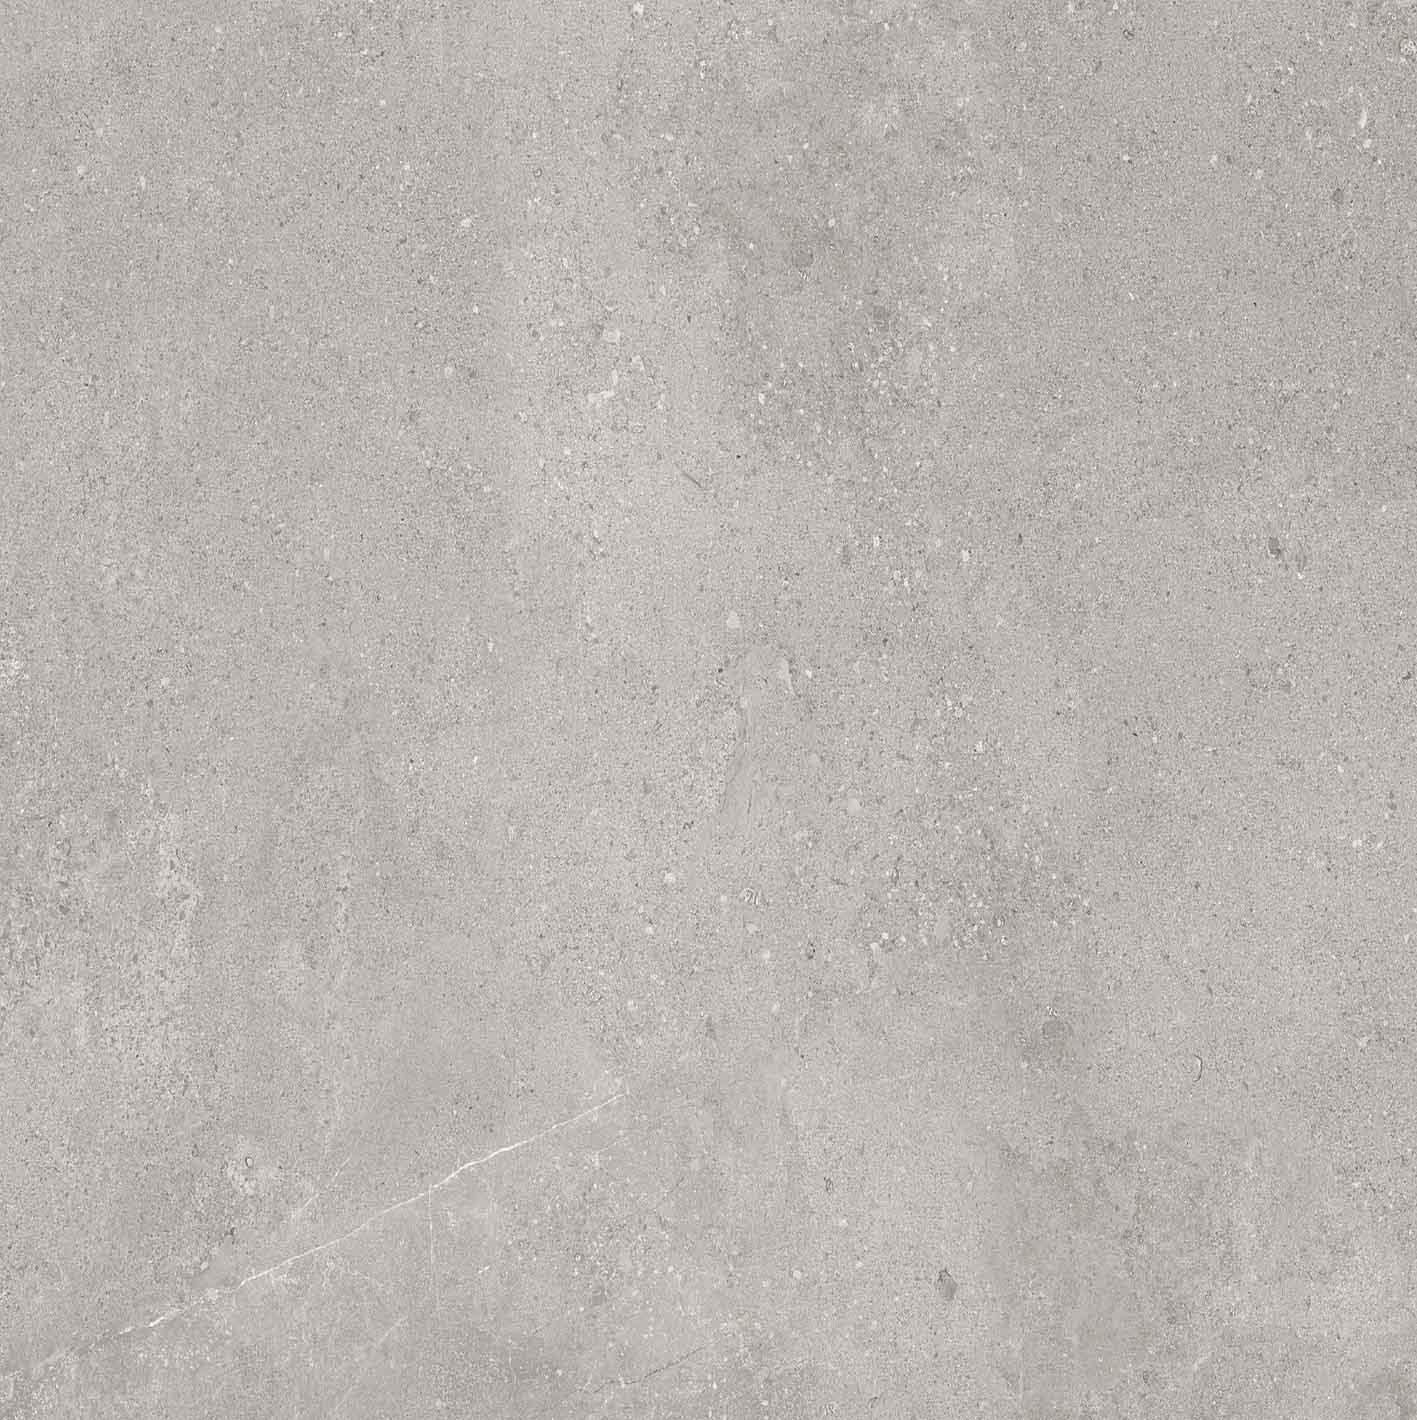 Elemental Stone Grey Limestone Matte 10mm 120 x 120